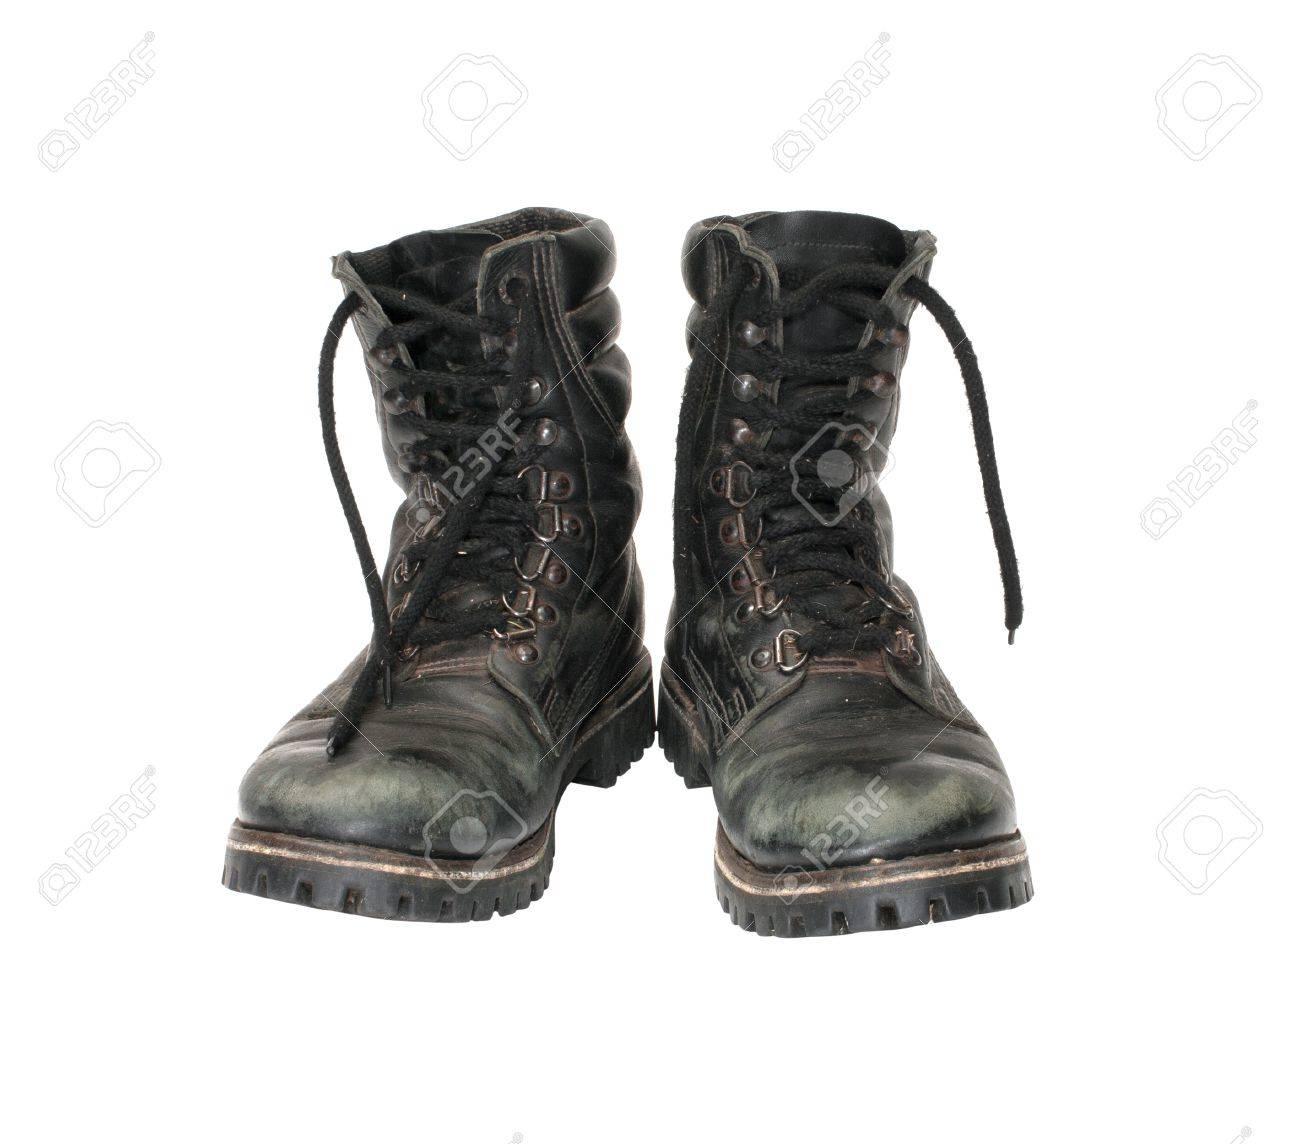 hot sale online 1e251 9b24b Pair indossato scarponi militari è isolato su uno sfondo bianco.